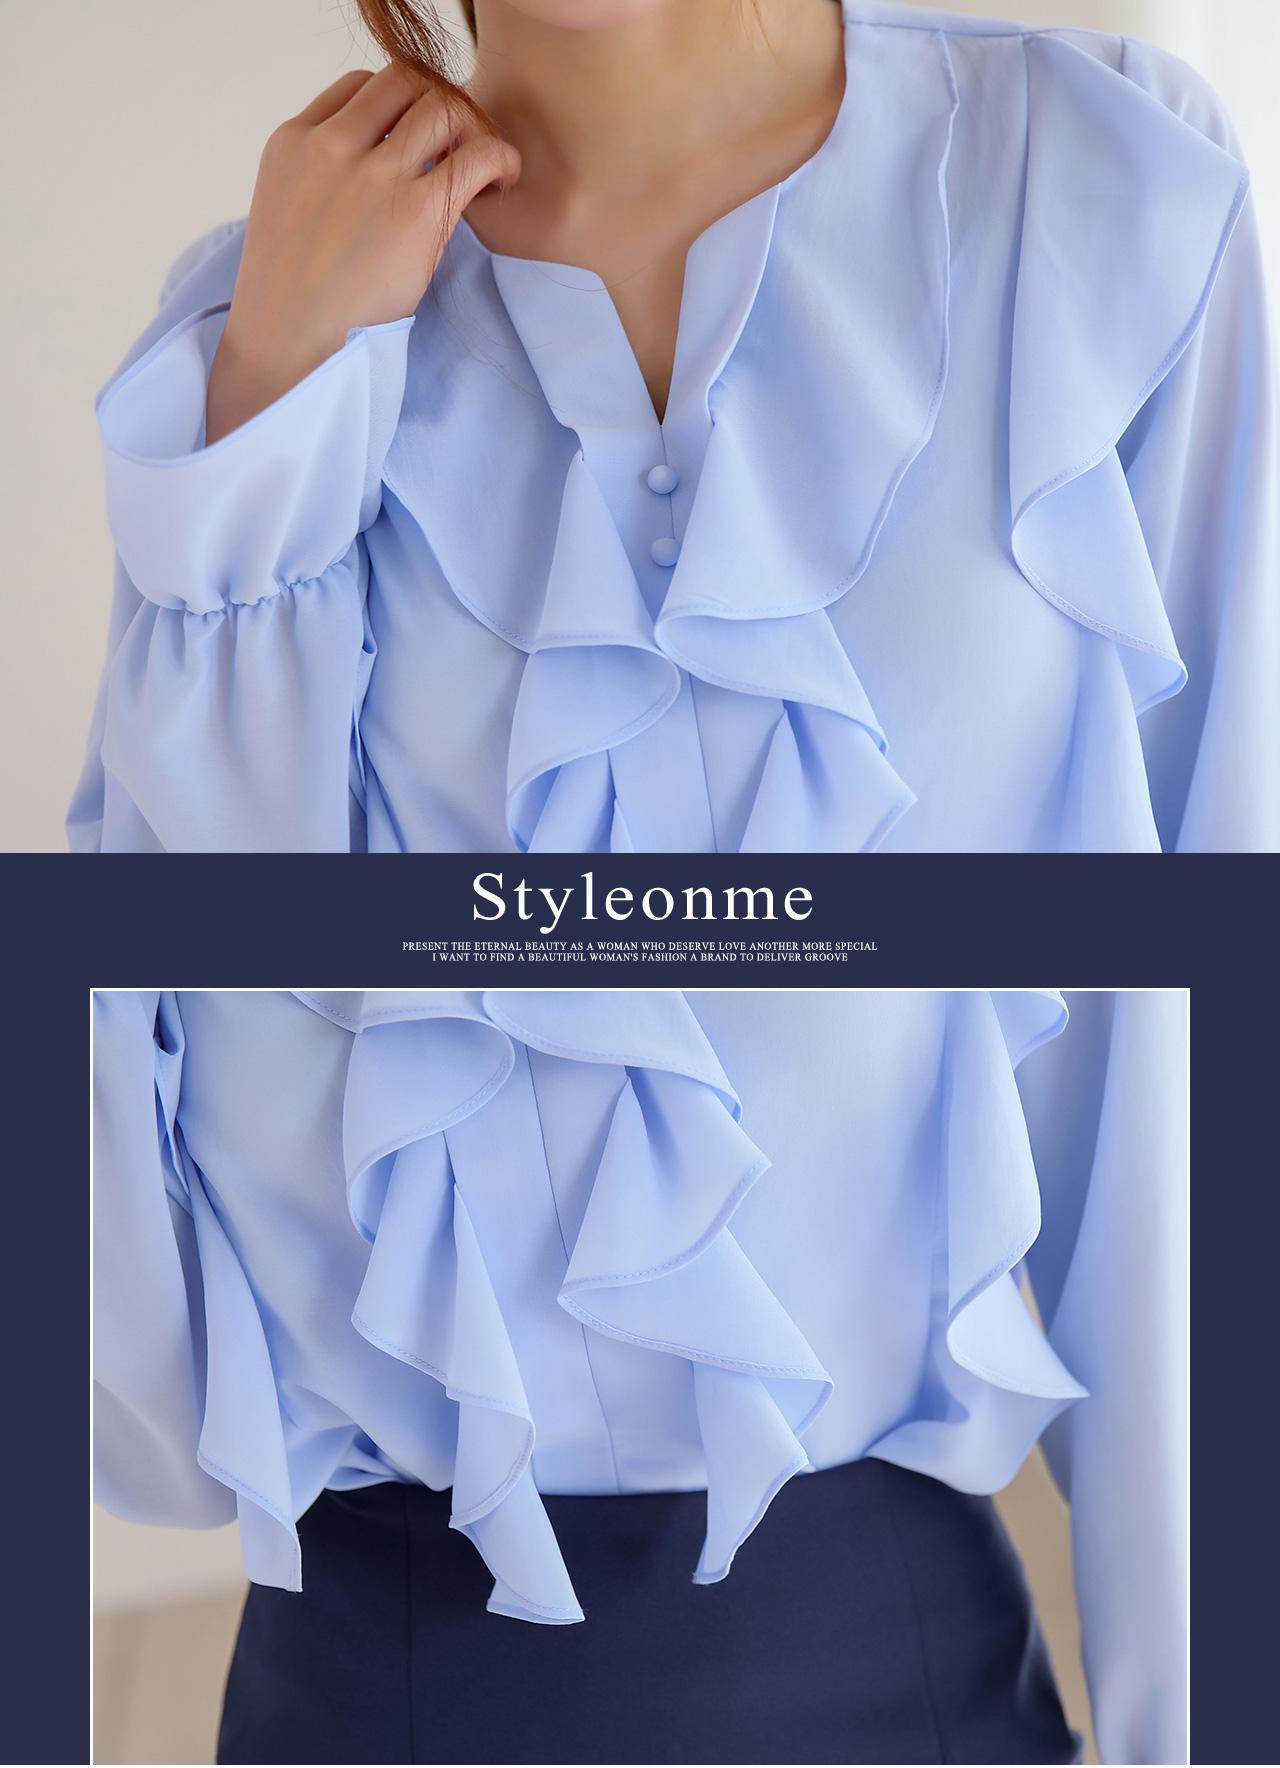 Styleonme image